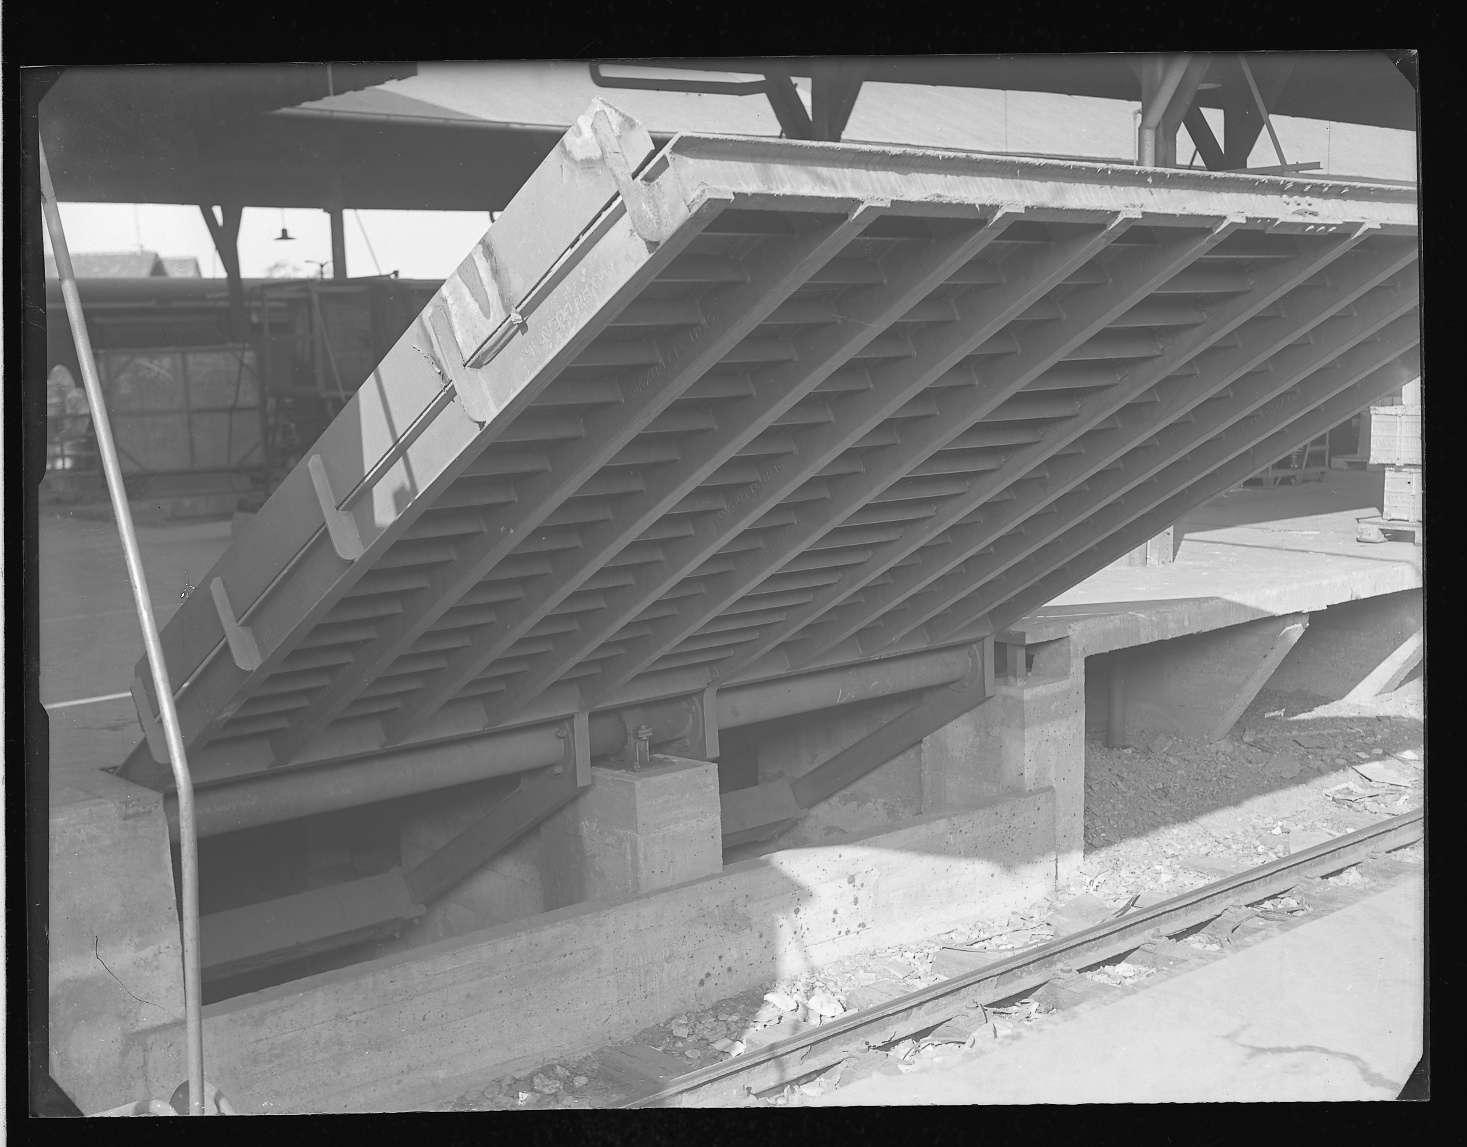 Bietigheim (Württ.), Bf, Überfahrtbrücke und Umladehalle, Abb. a